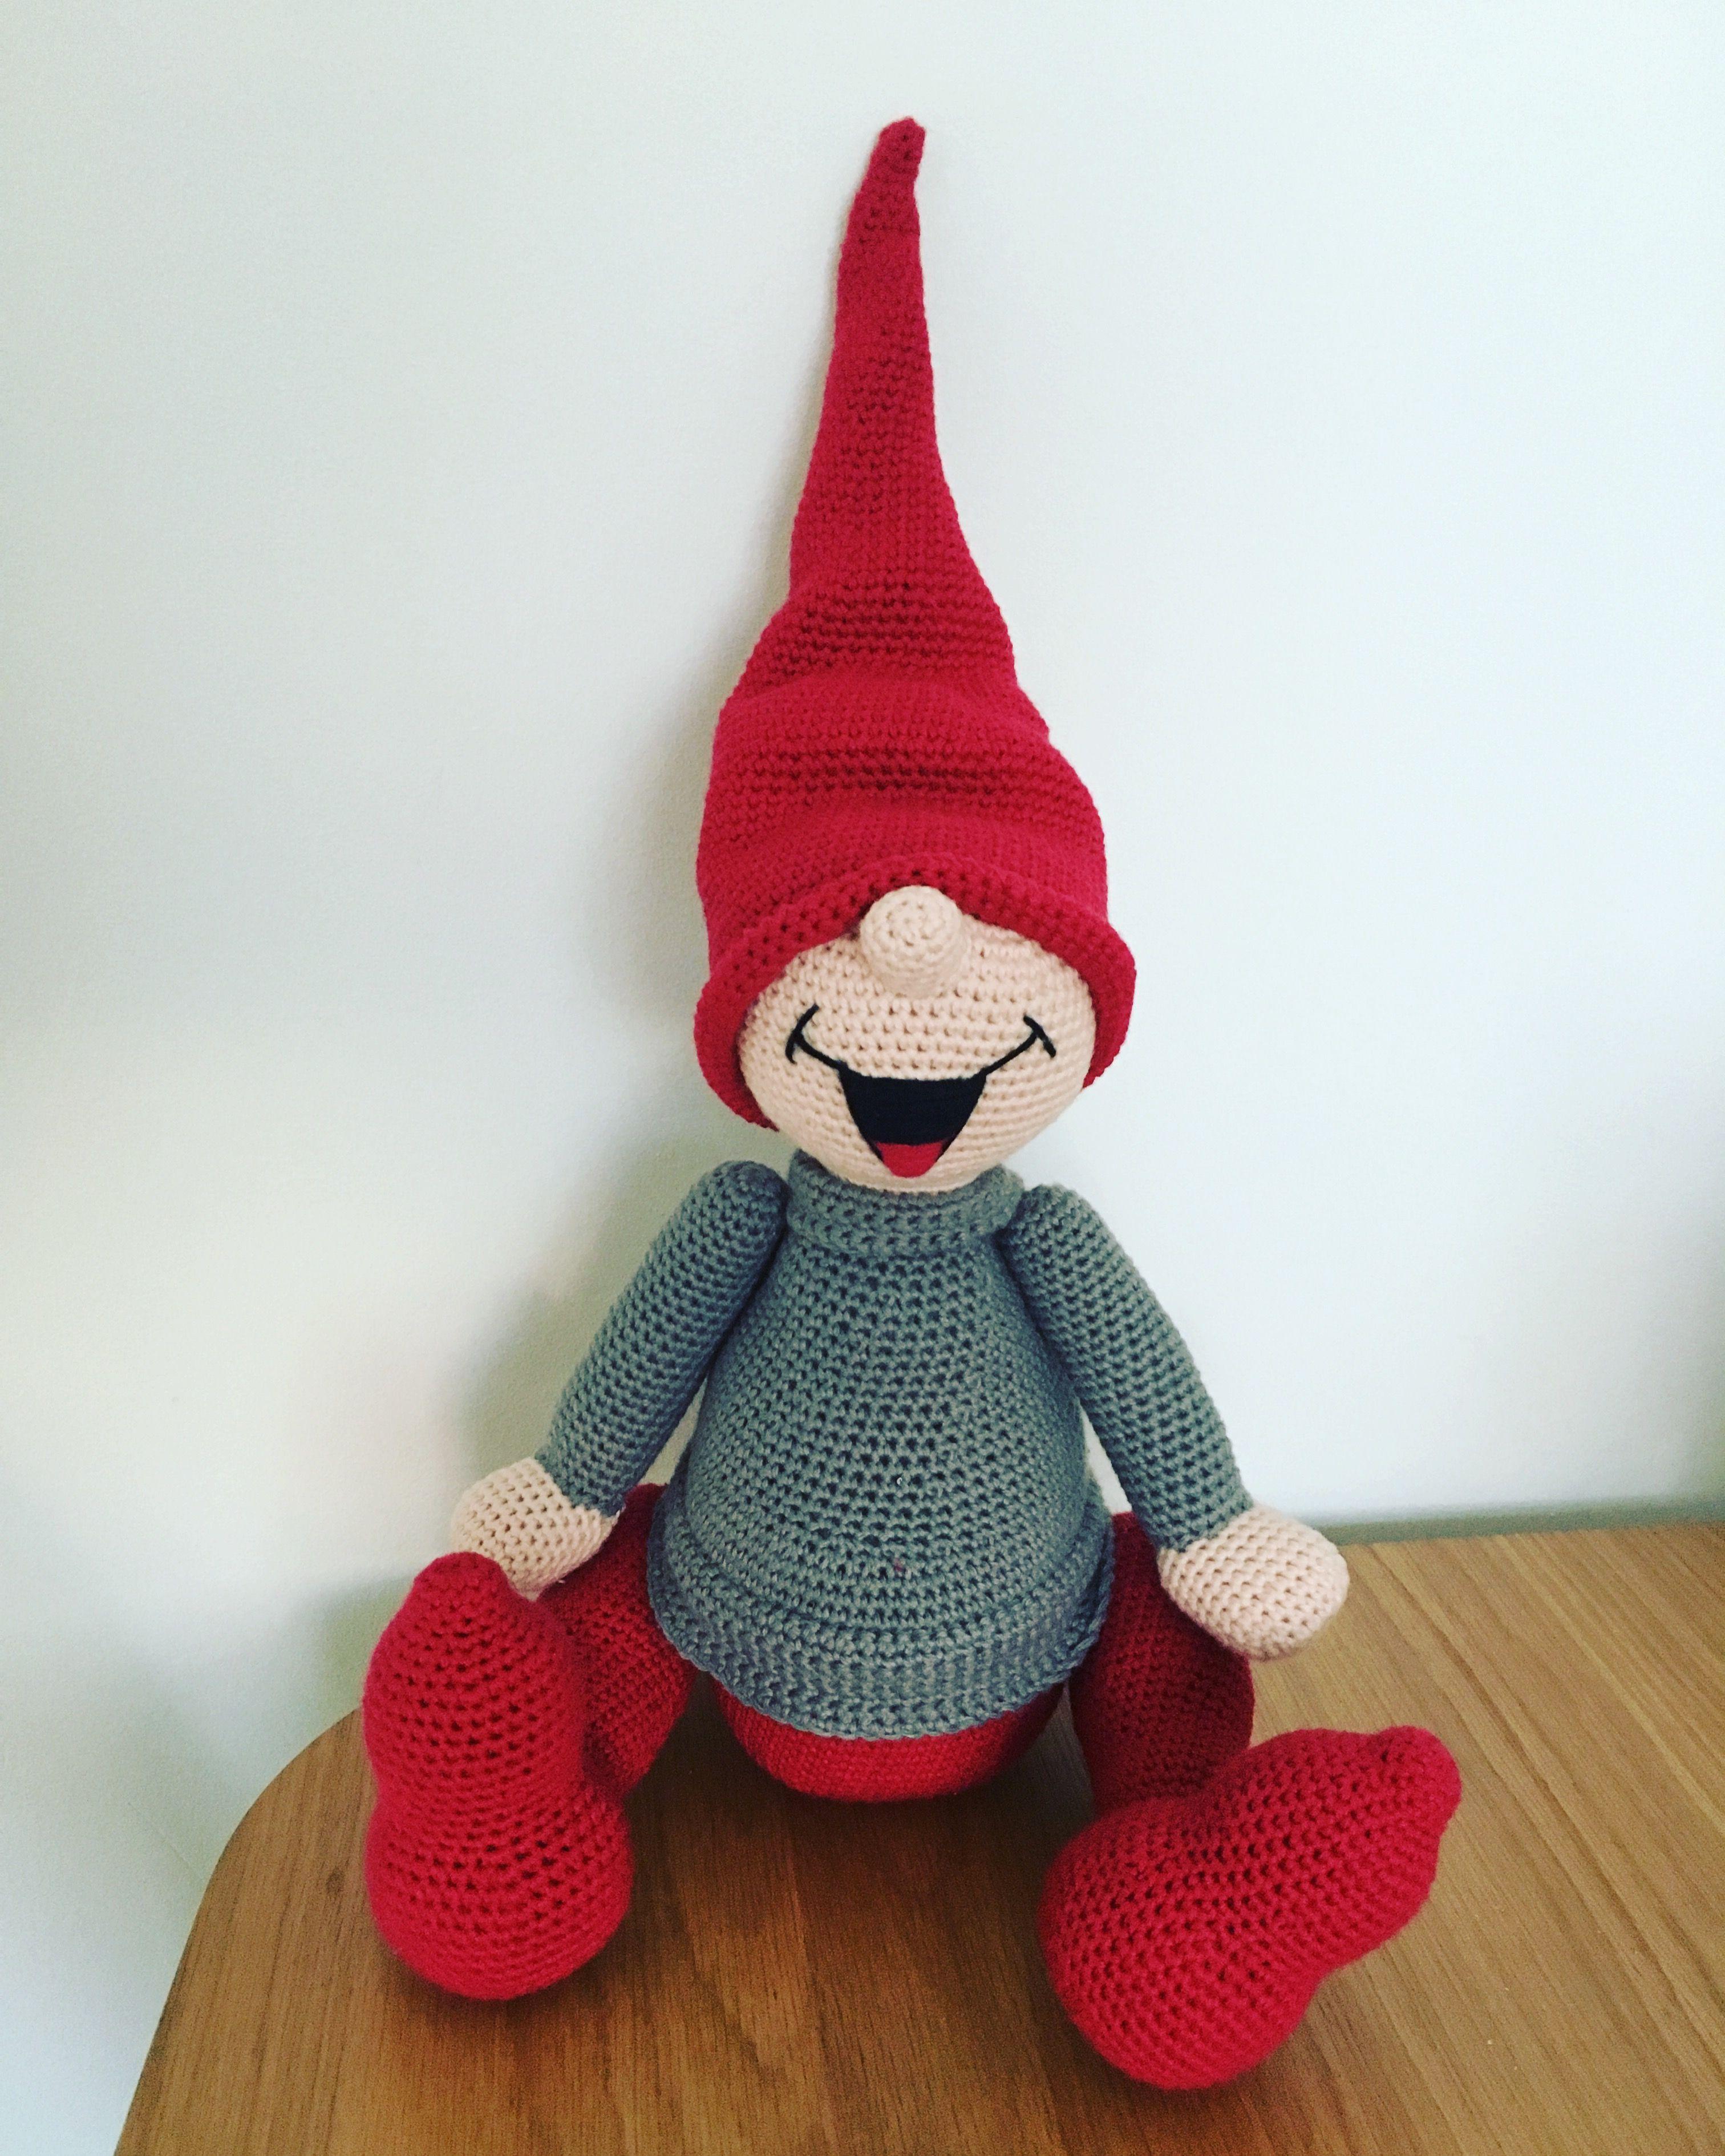 Pin von Jitka Bučková auf hračky | Pinterest | Wichtel, Weihnachten ...